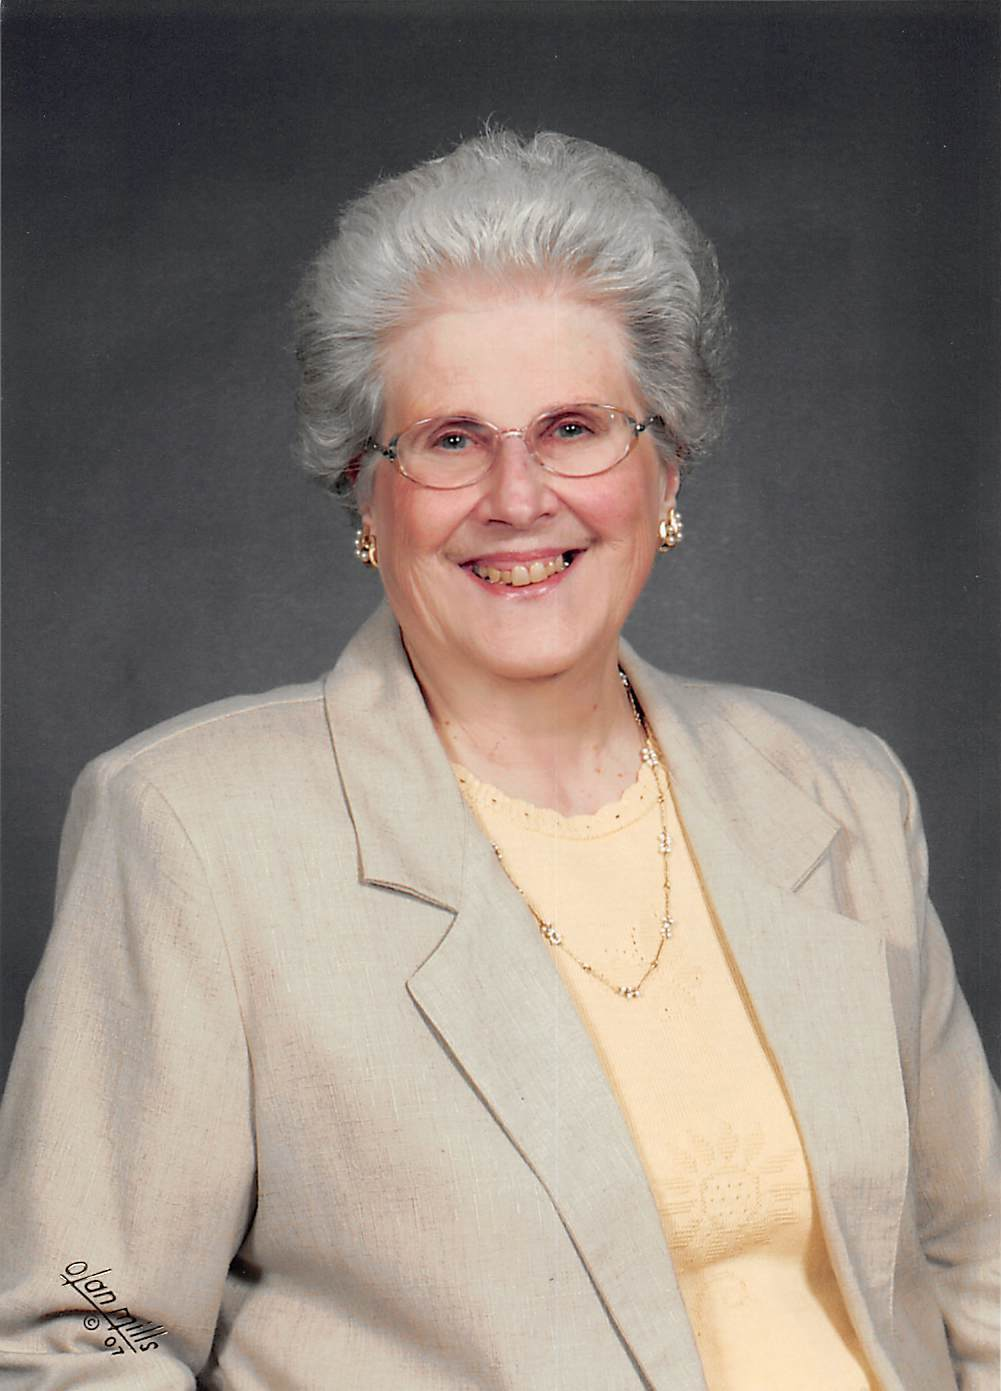 Sandra Lee Groves